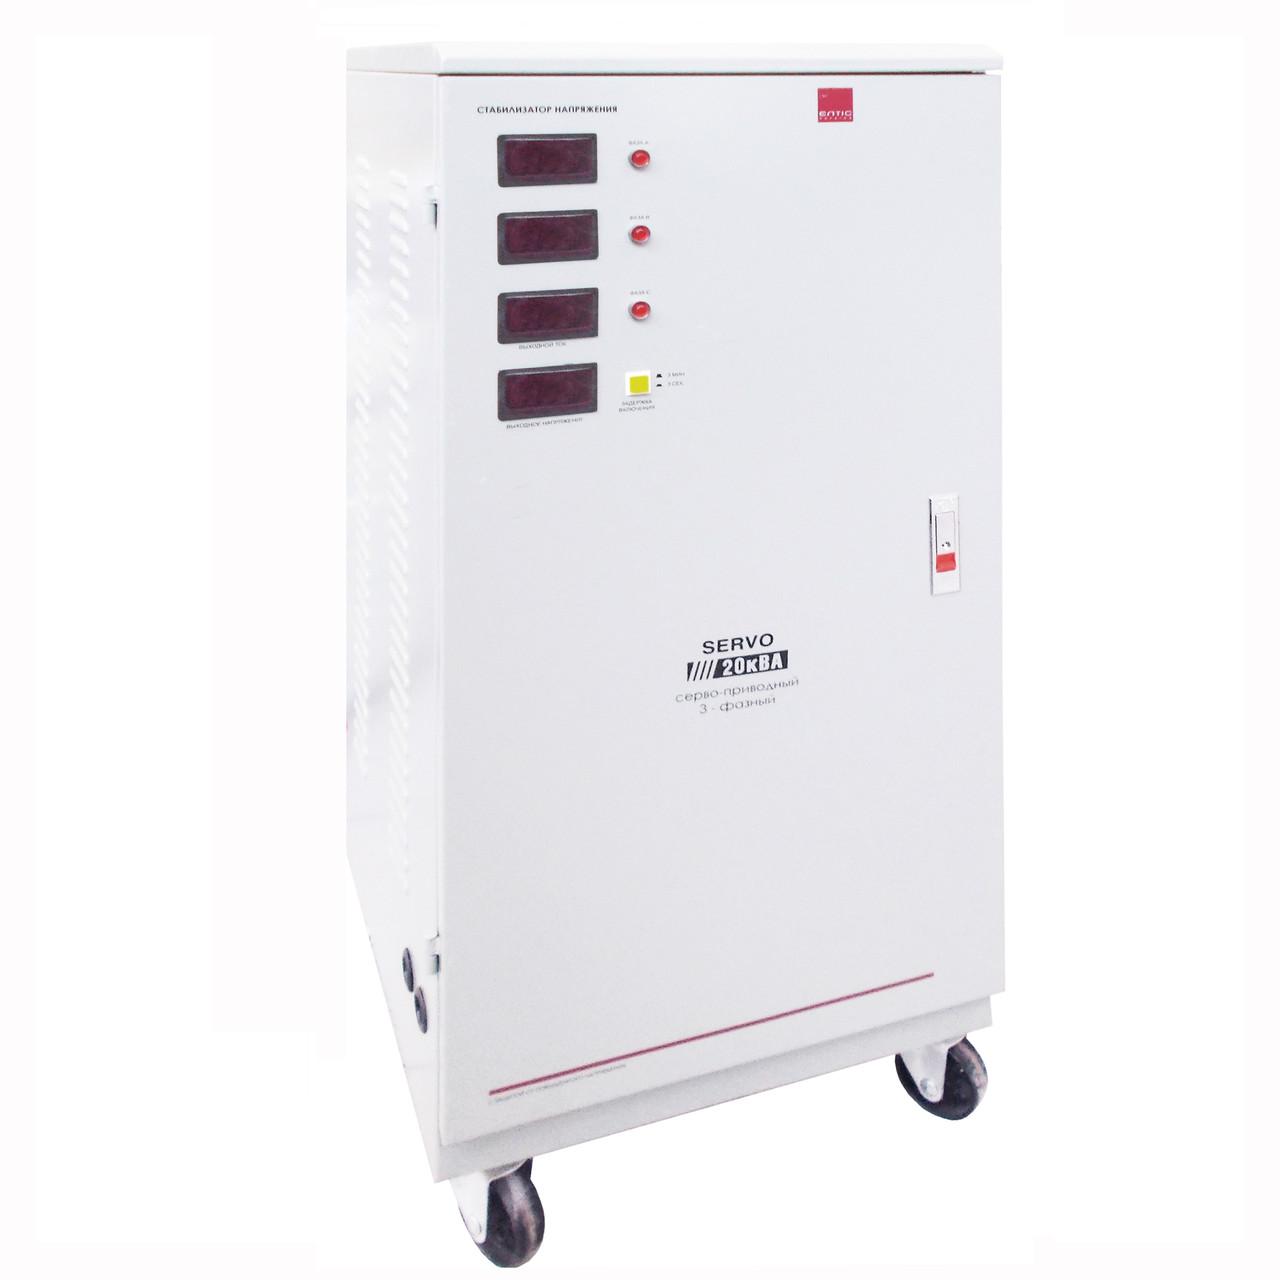 Трехфазный сервоприводный стабилизатор напряжения Элтис SERVO 20000 LED